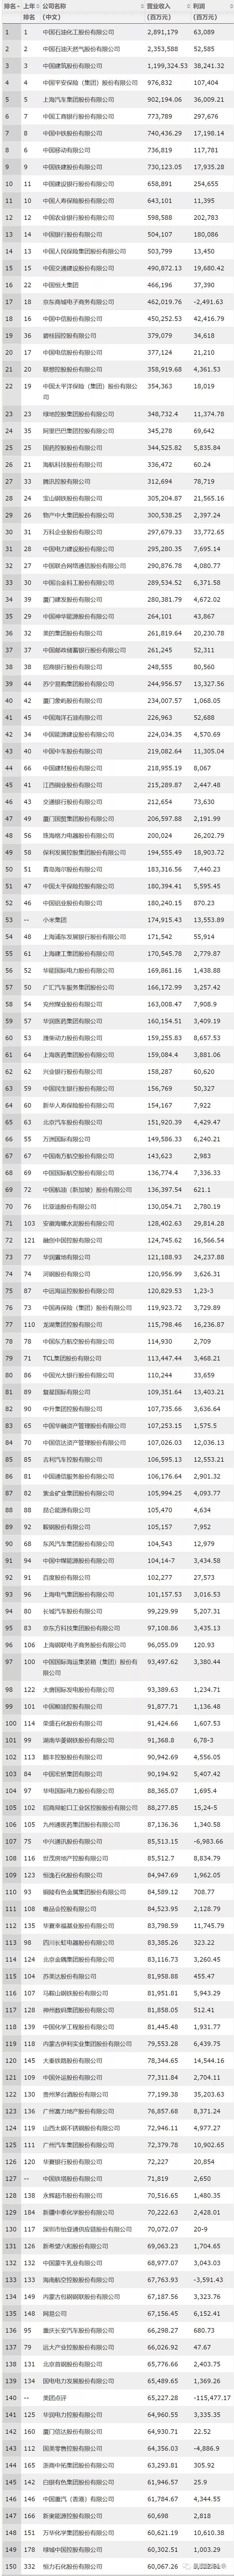 2019财富中国500强排行榜完整榜单